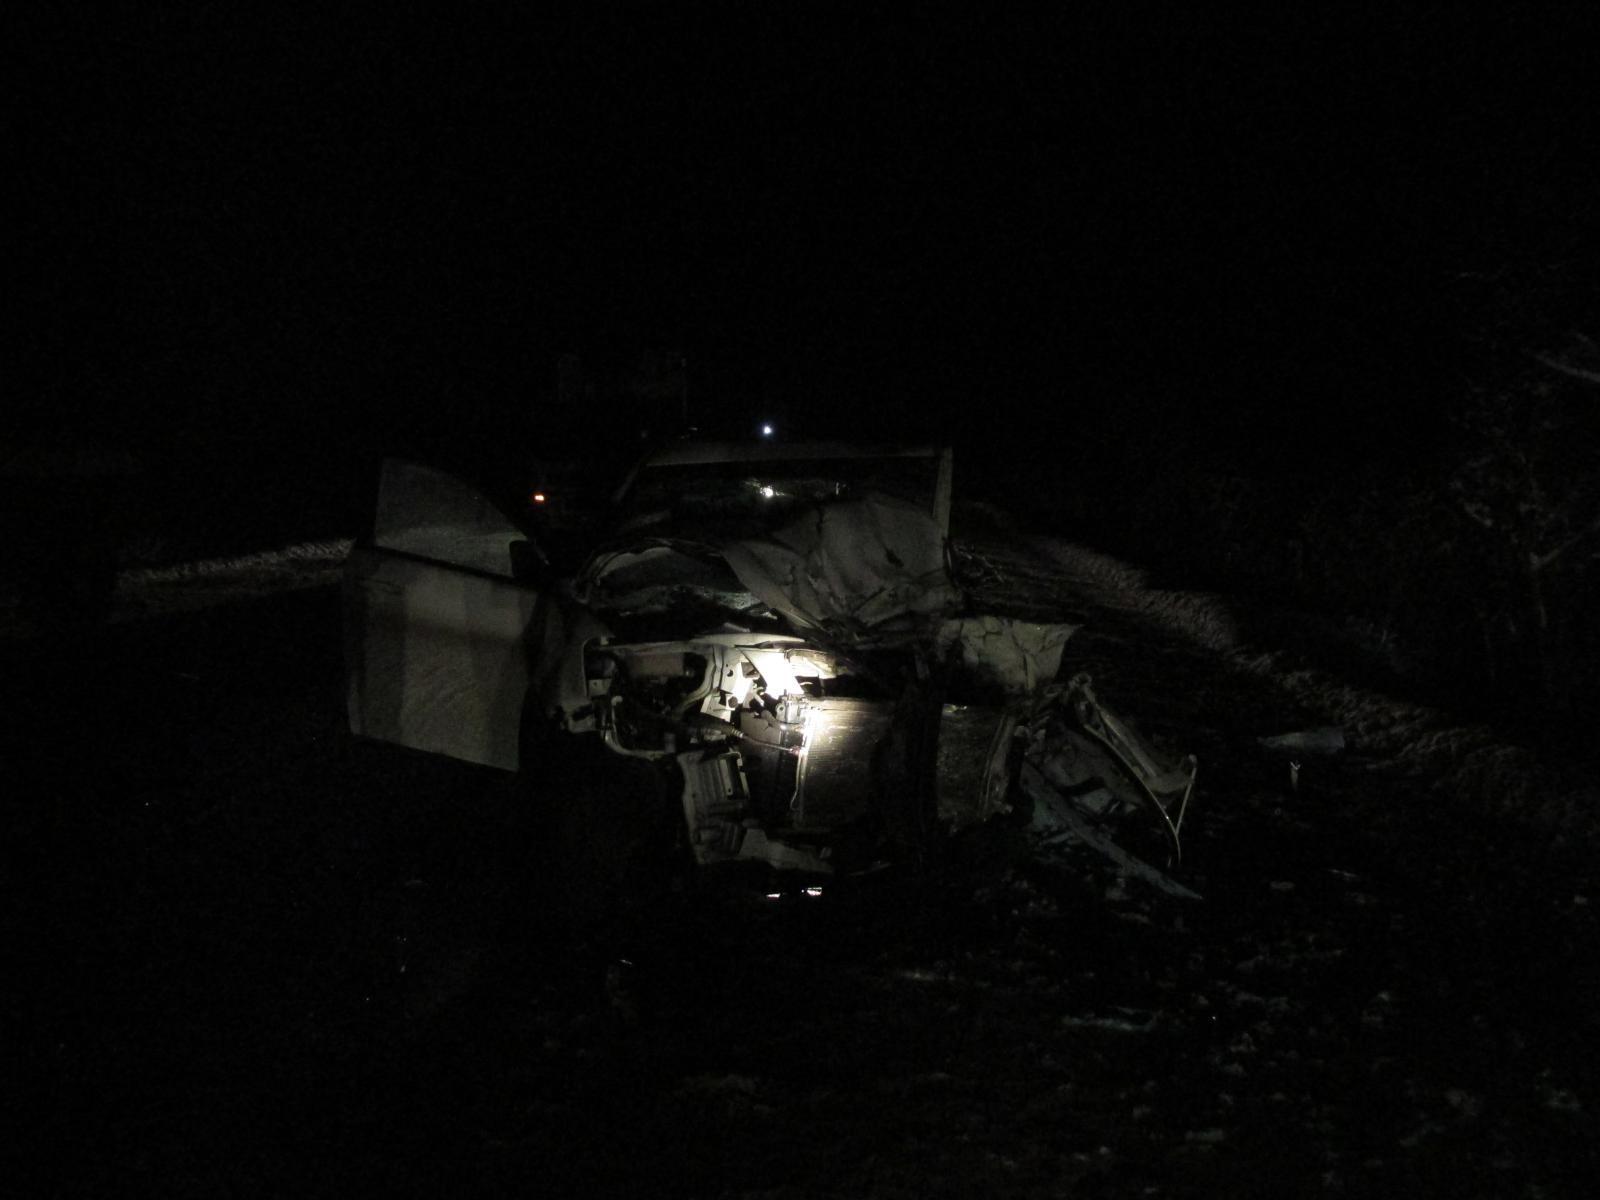 Дтп произошло 11 февраля около 14 часов дня в вологодской области на 38 км автодороги сокол - харовск - вожега